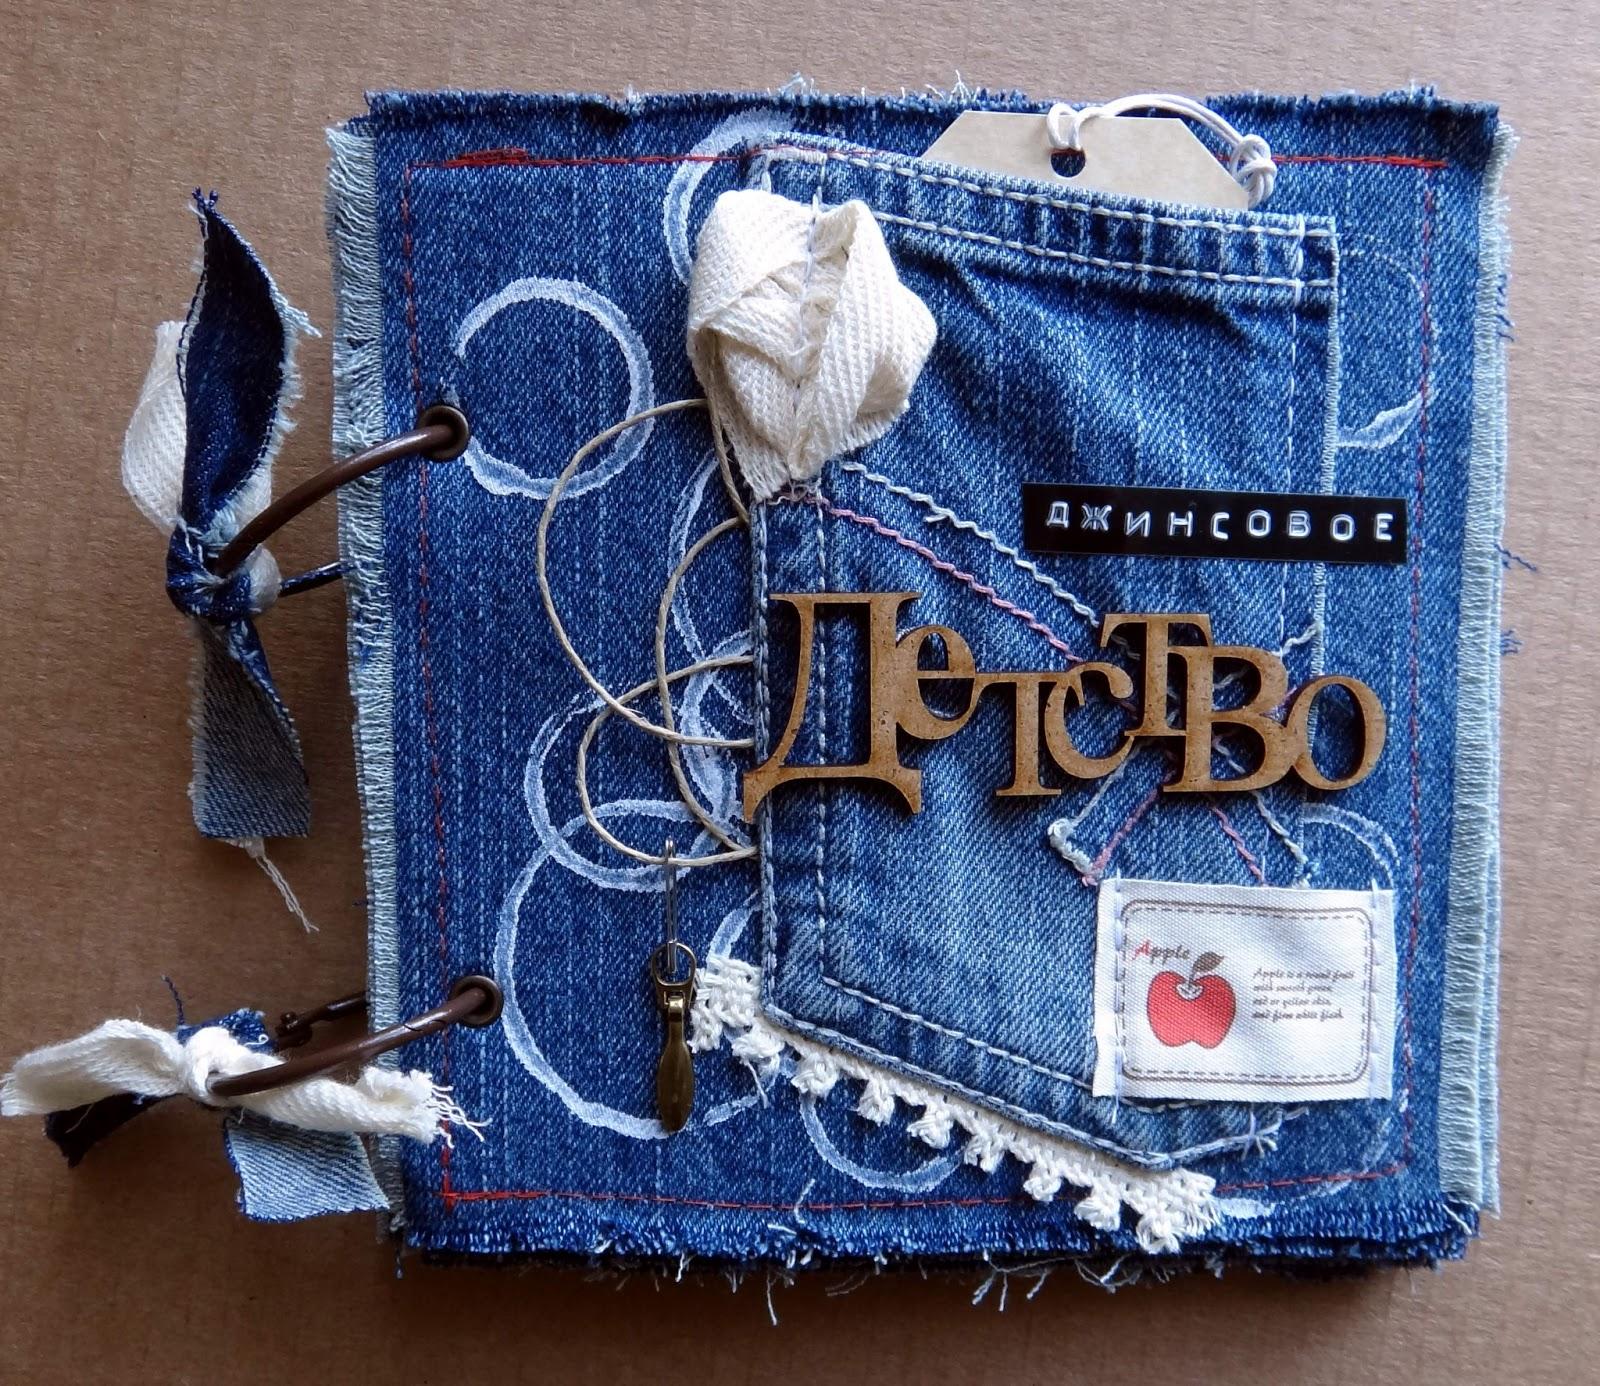 Фотоальбом своими руками из джинс